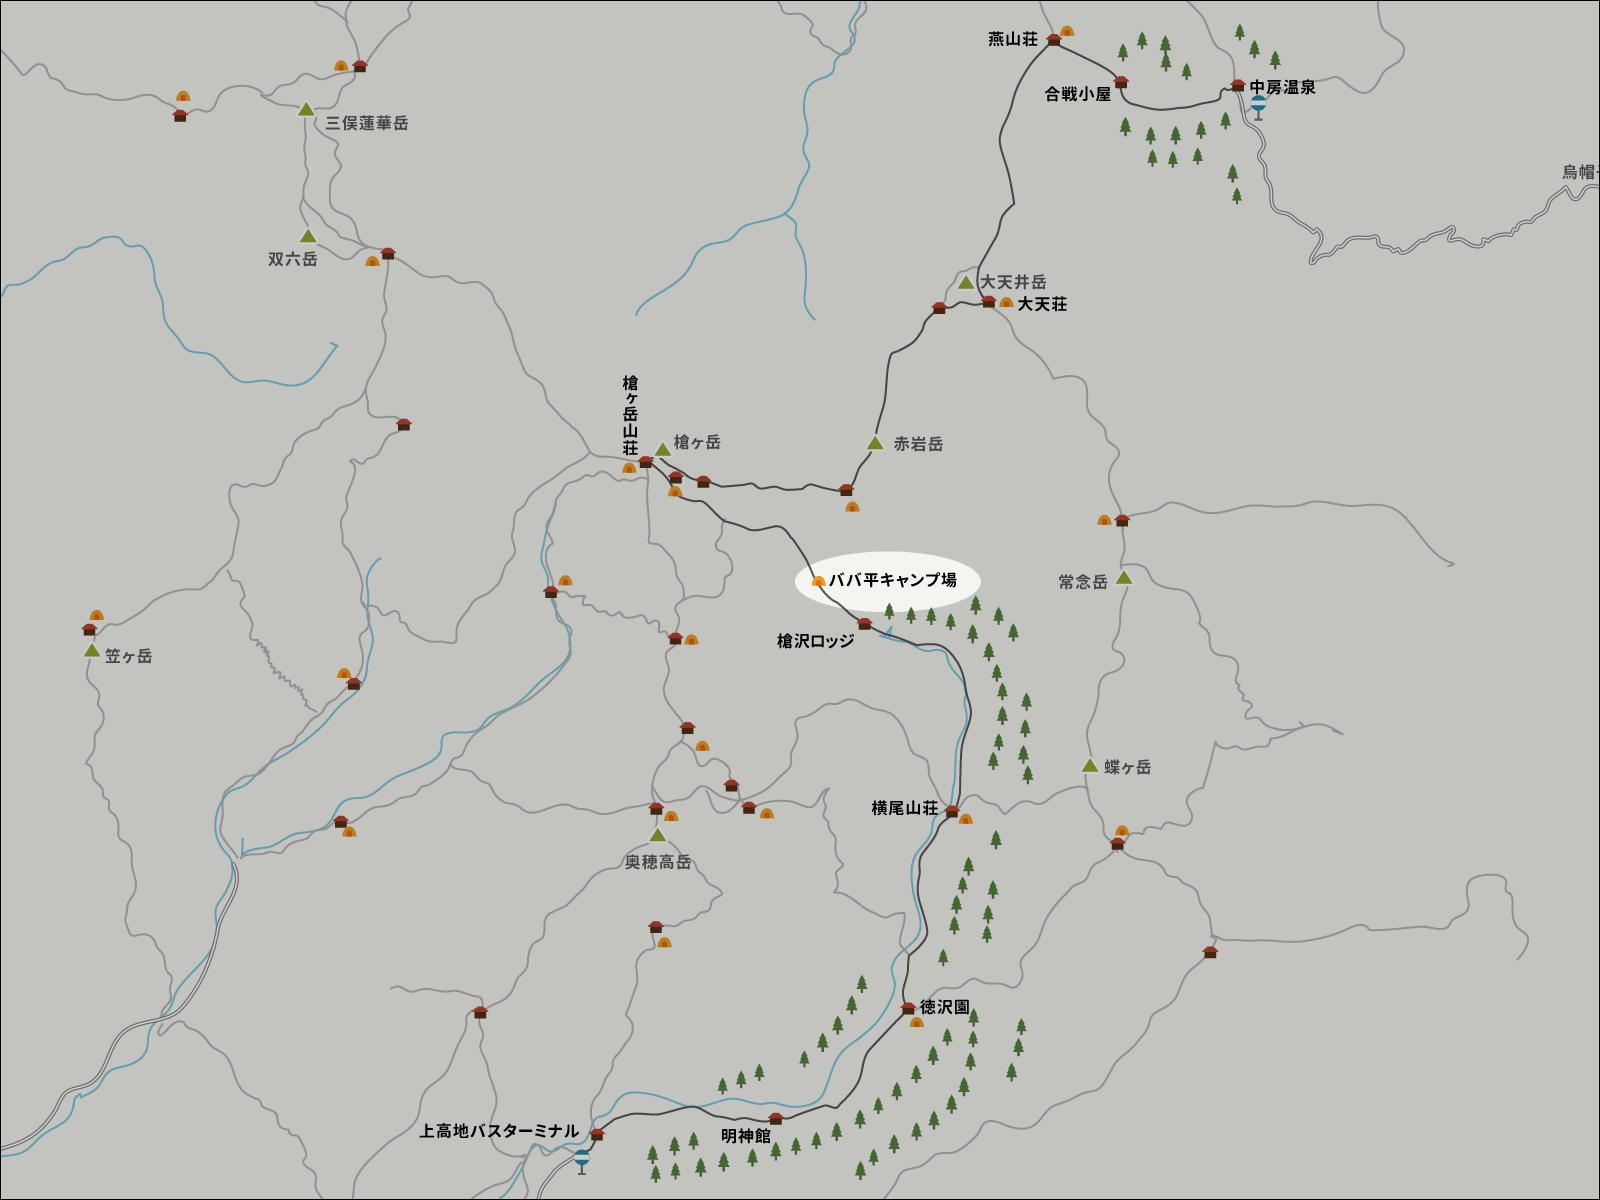 ババ平のイラストマップ